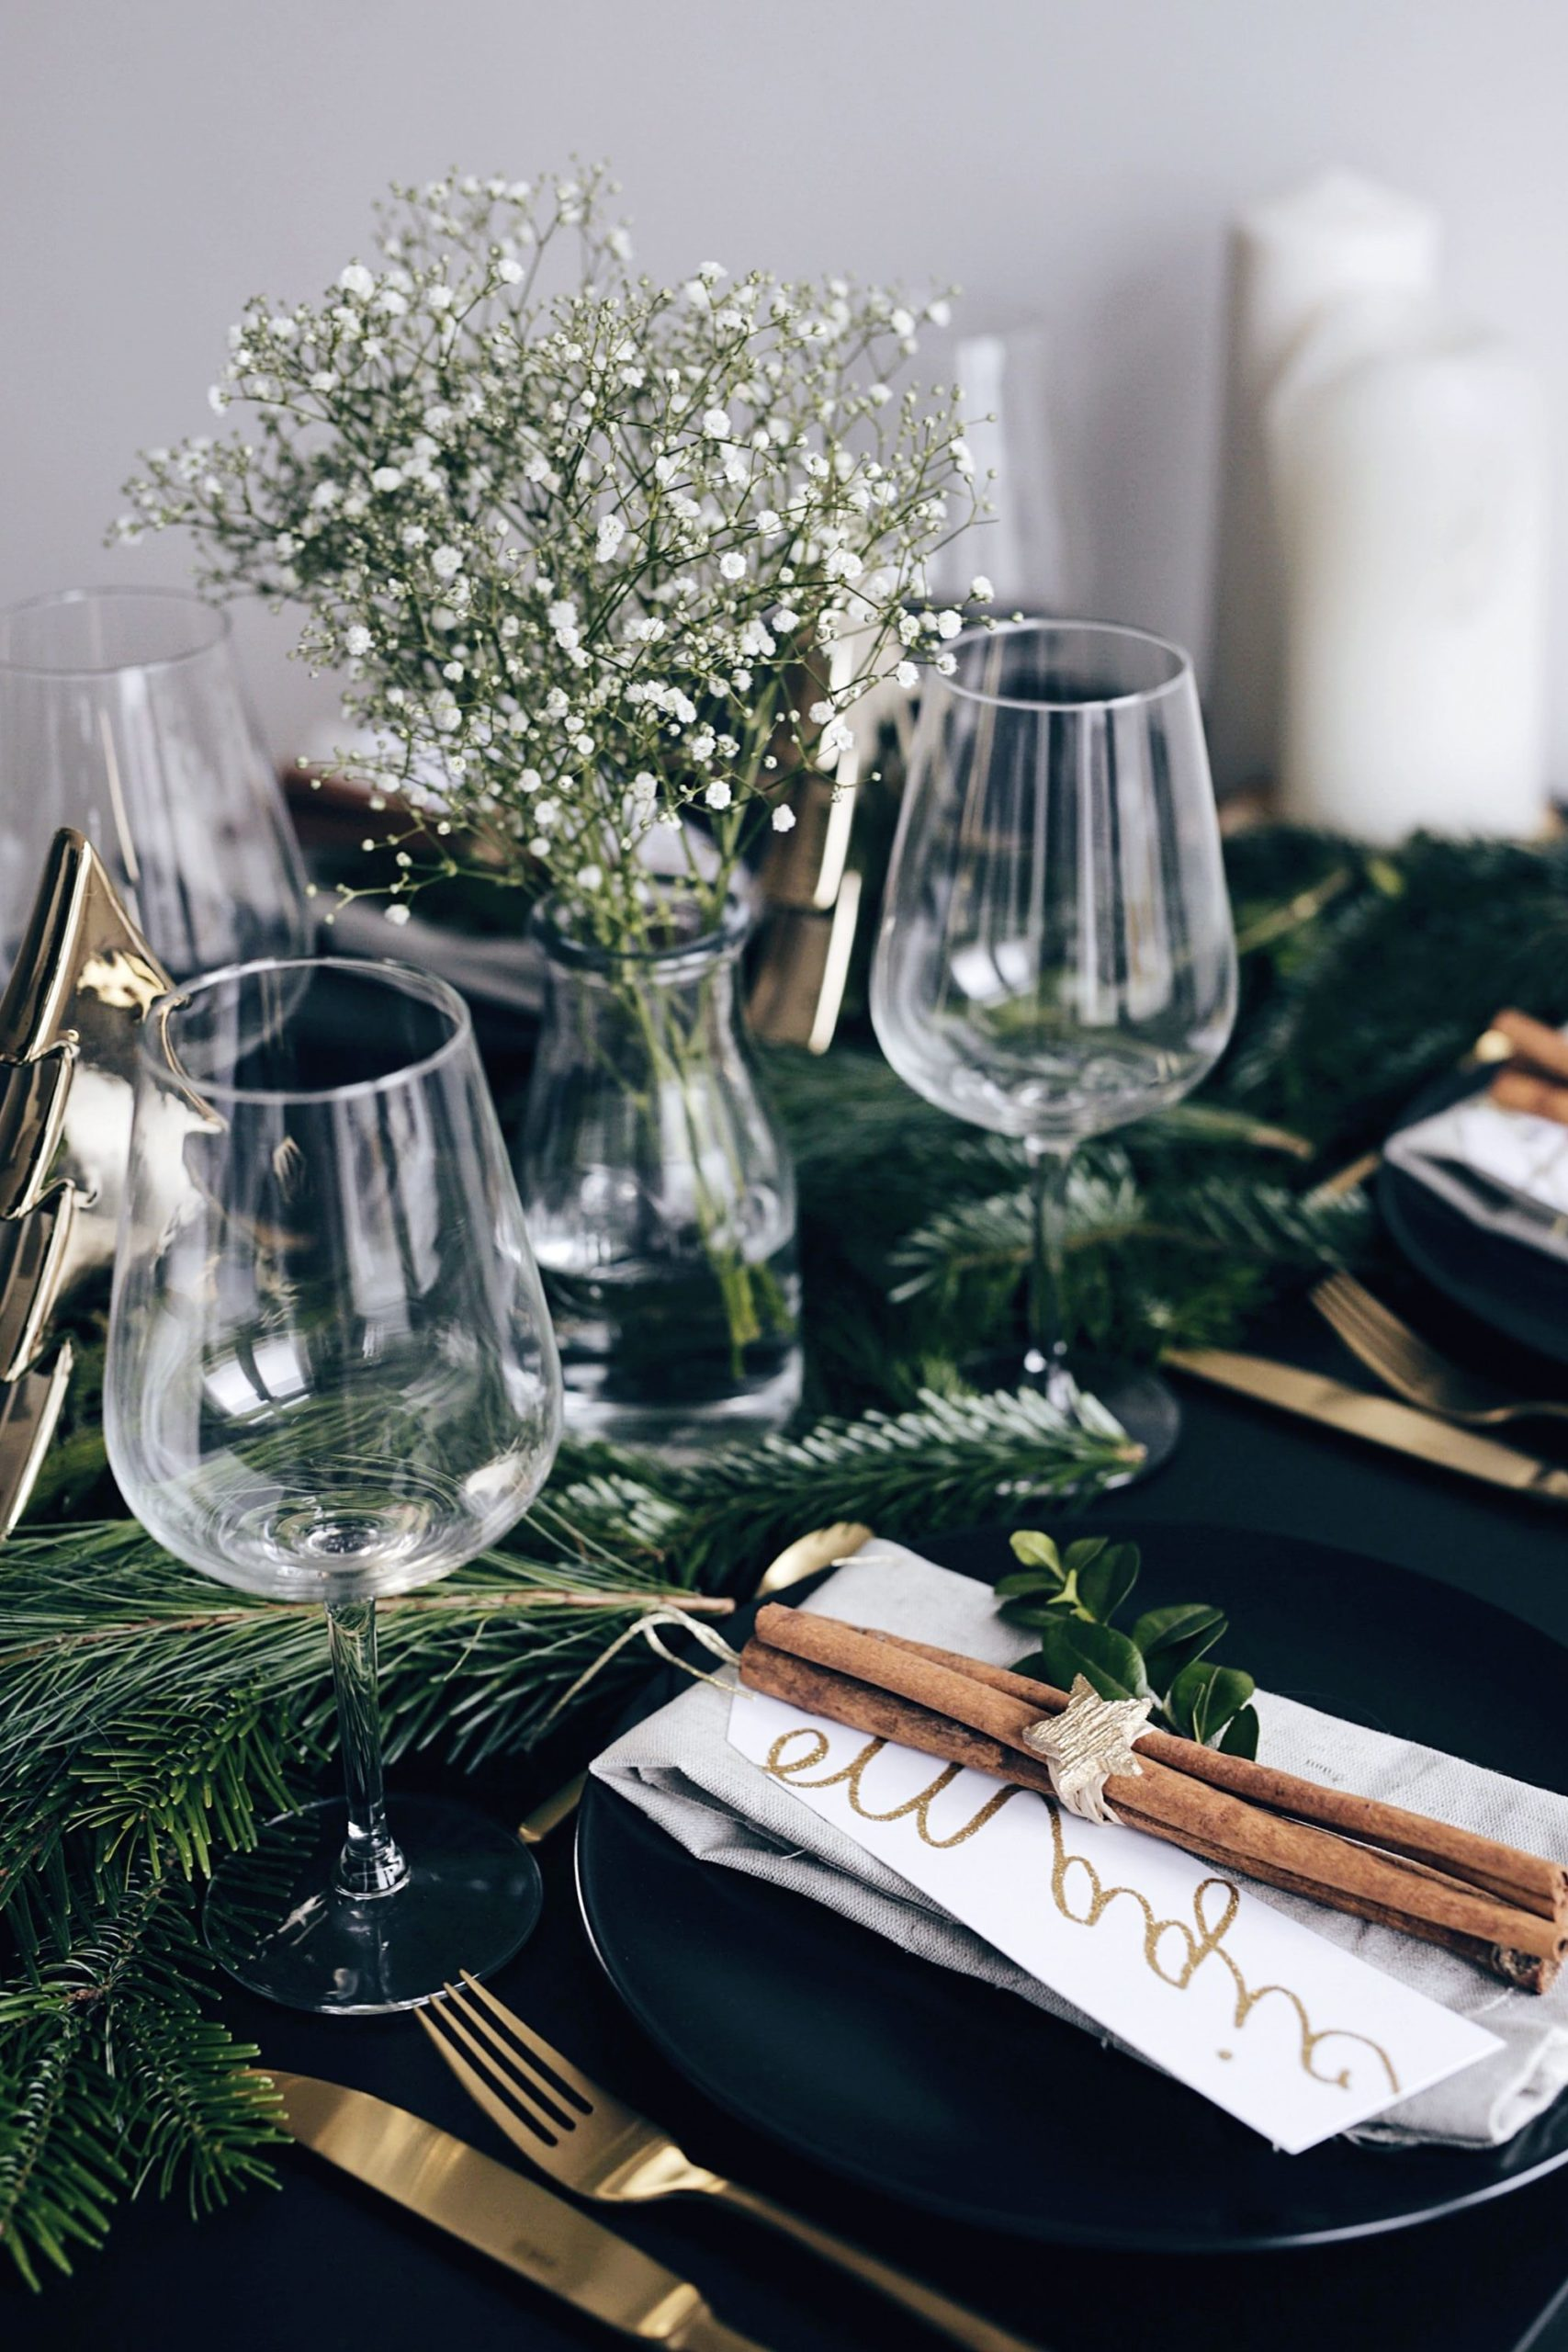 Déco de table pour les fêtes.